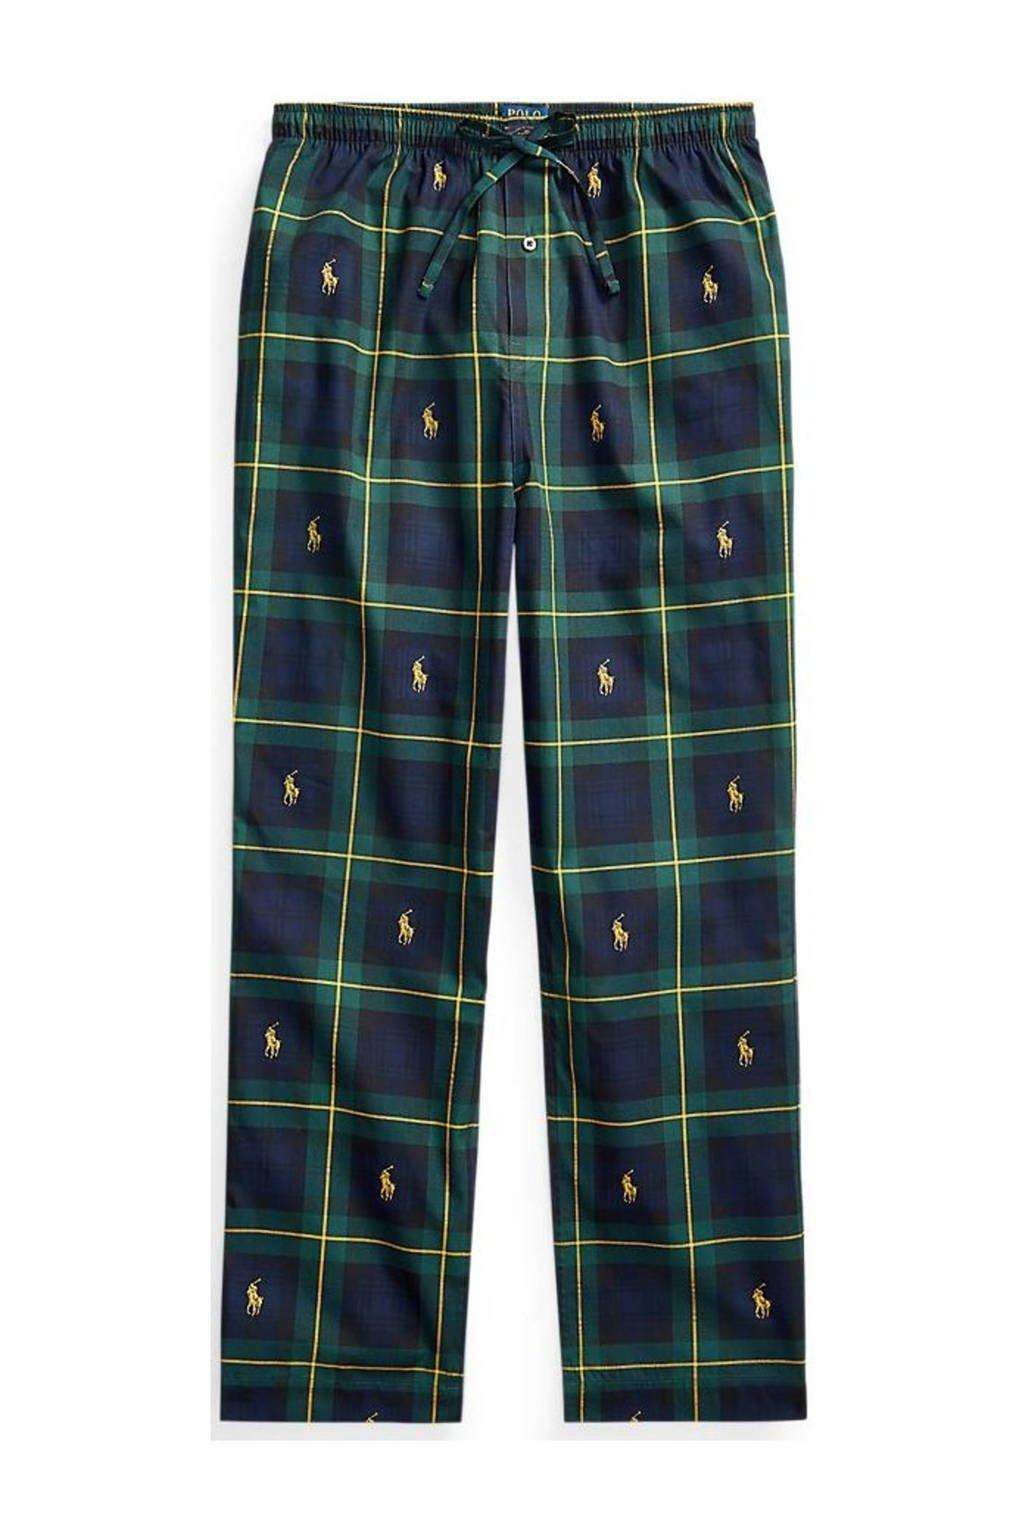 POLO Ralph Lauren geruite pyjamabroek donkerblauw/groen, Donkerblauw/groen